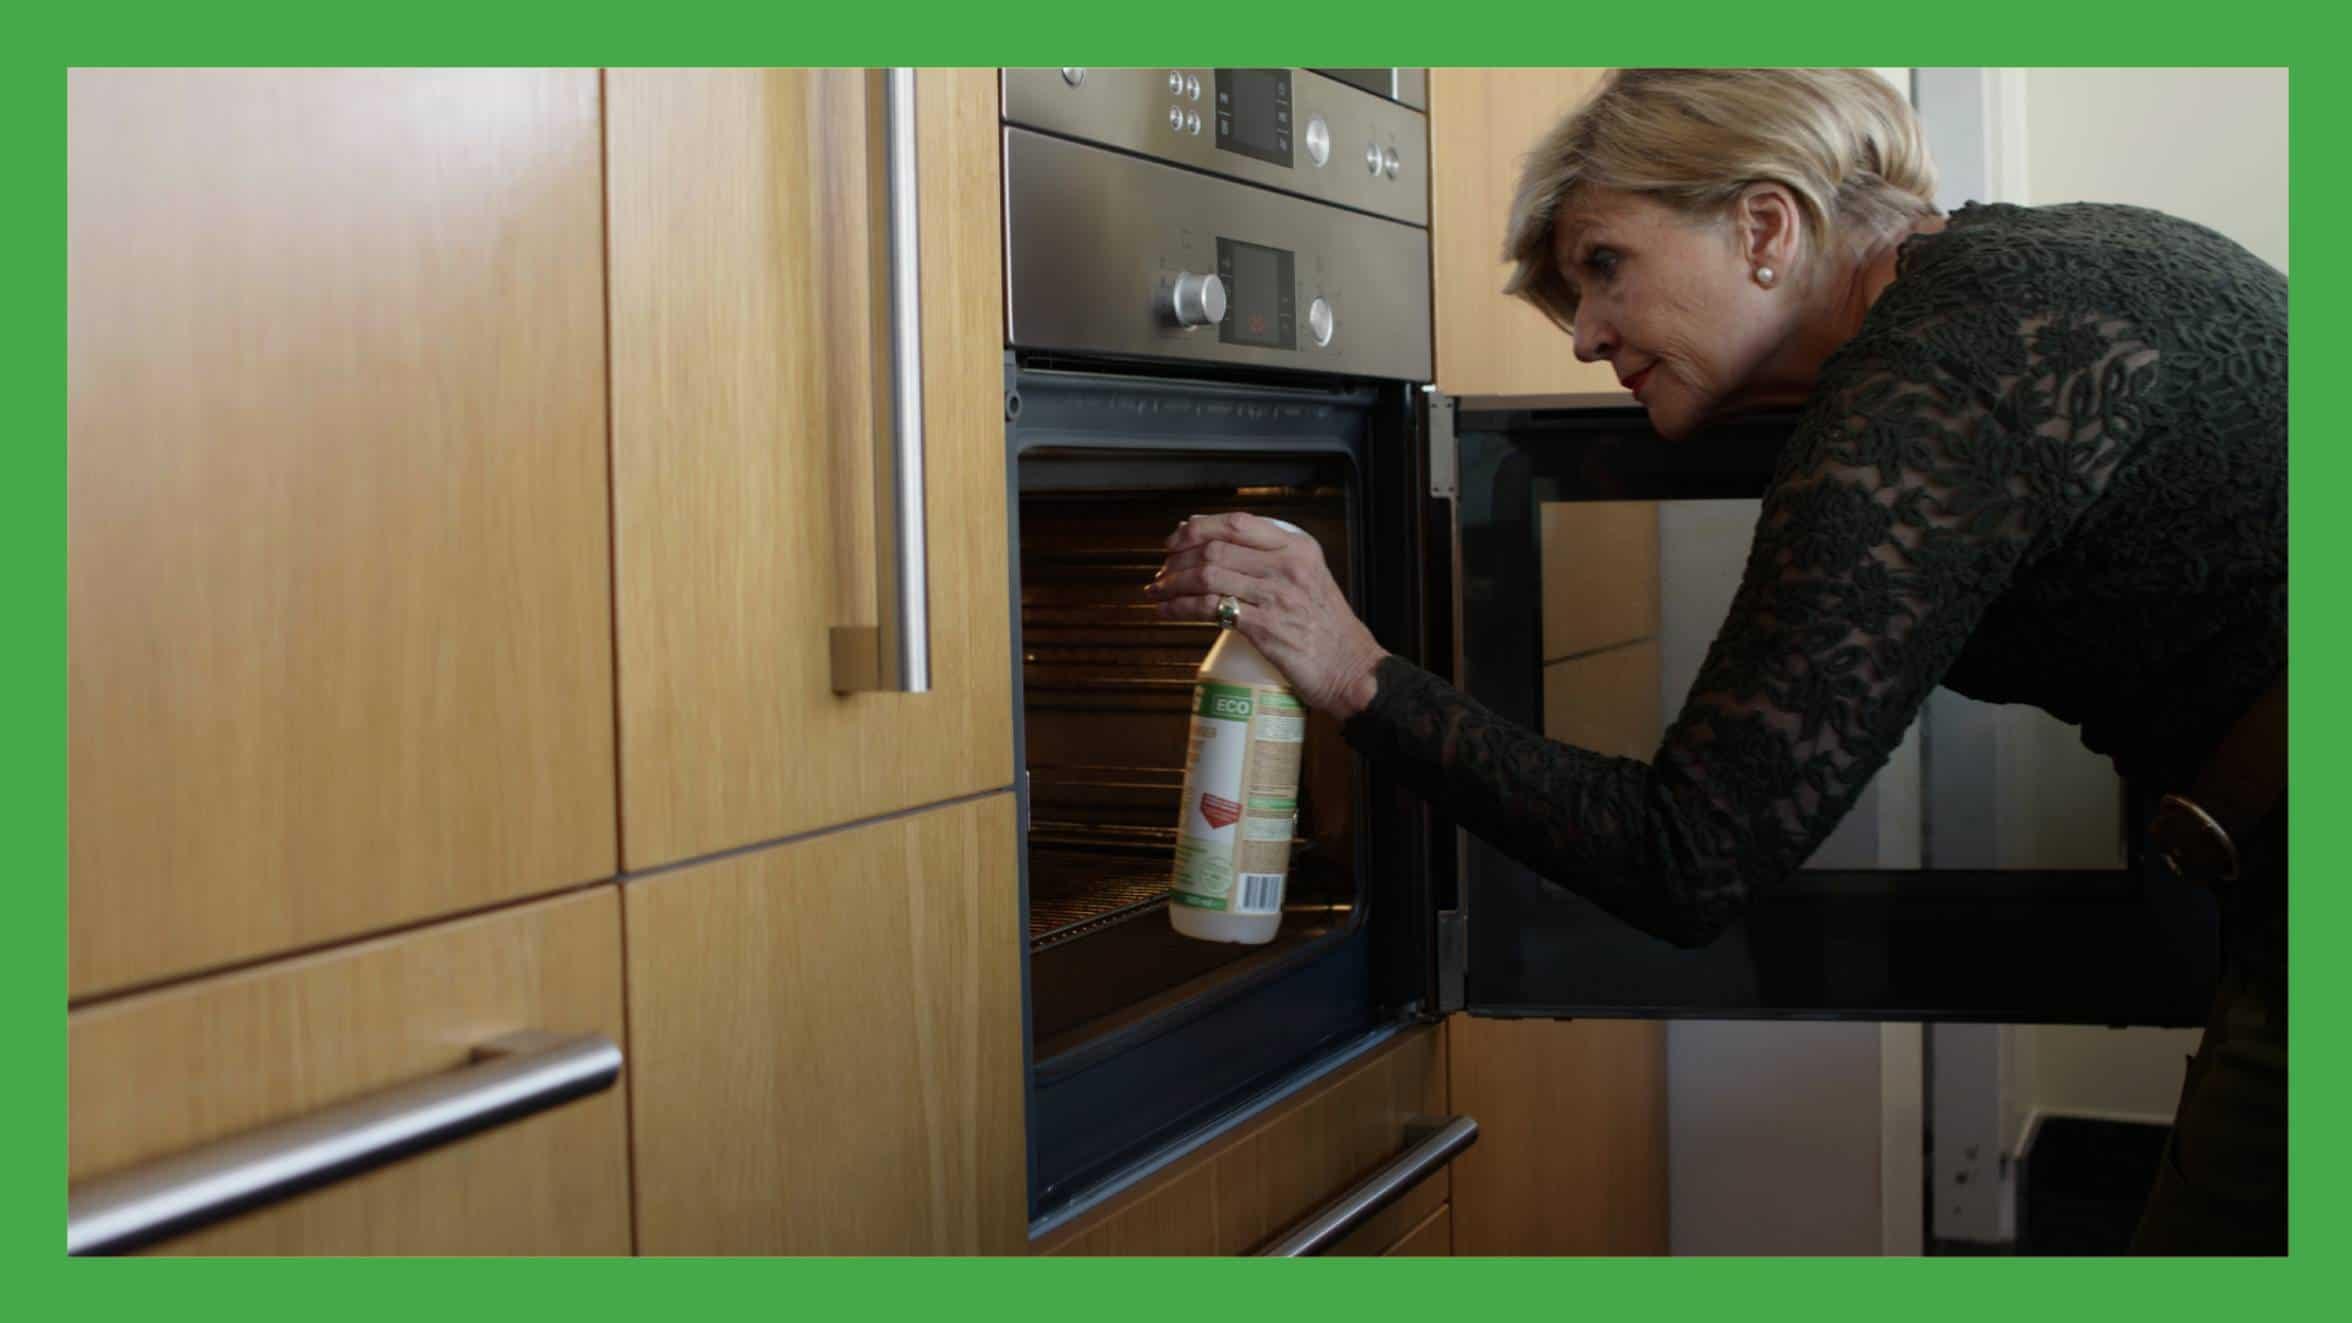 Oven schoonmaken met hg eco